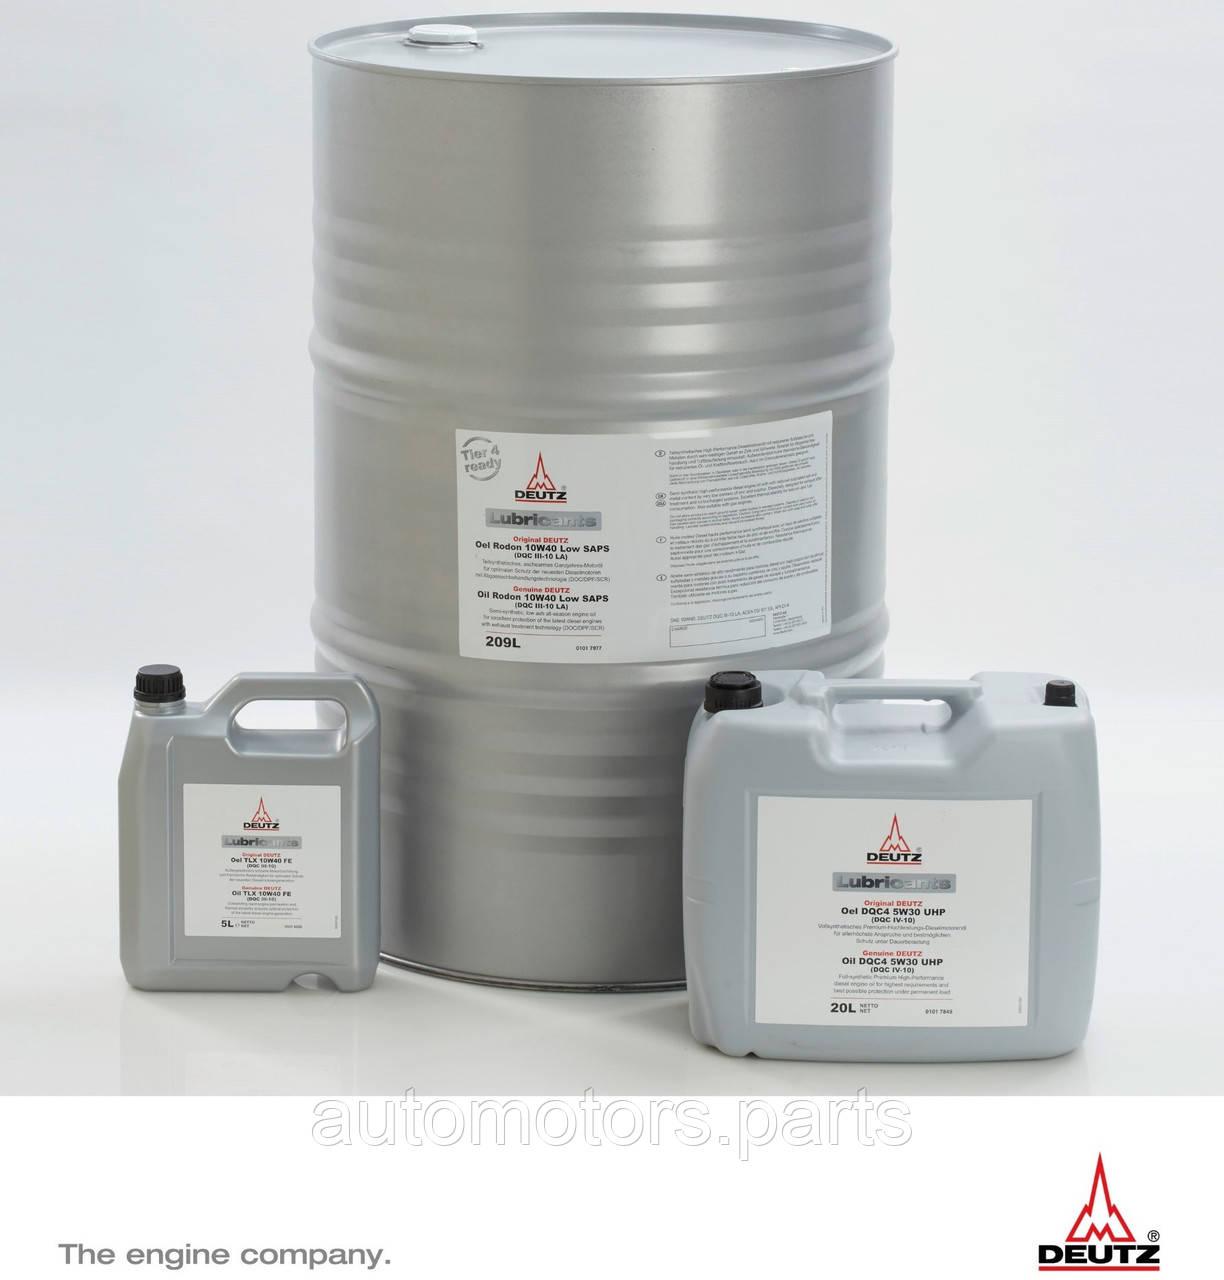 Масло моторное для дизельных двигателей DEUTZ DQC4 5W30 UHР